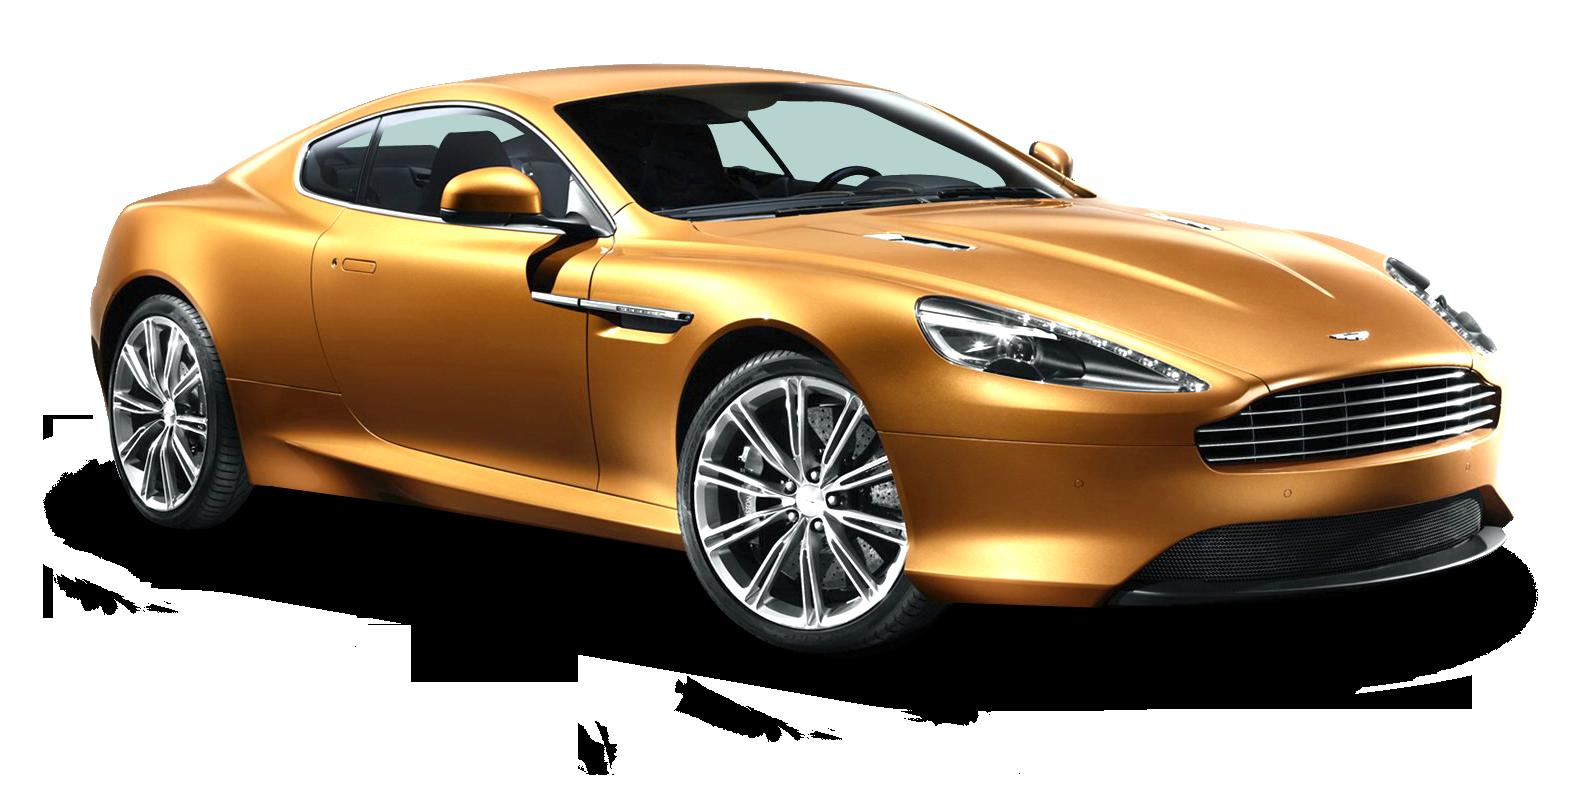 Aston Martin Virage Gold Car PNG Image